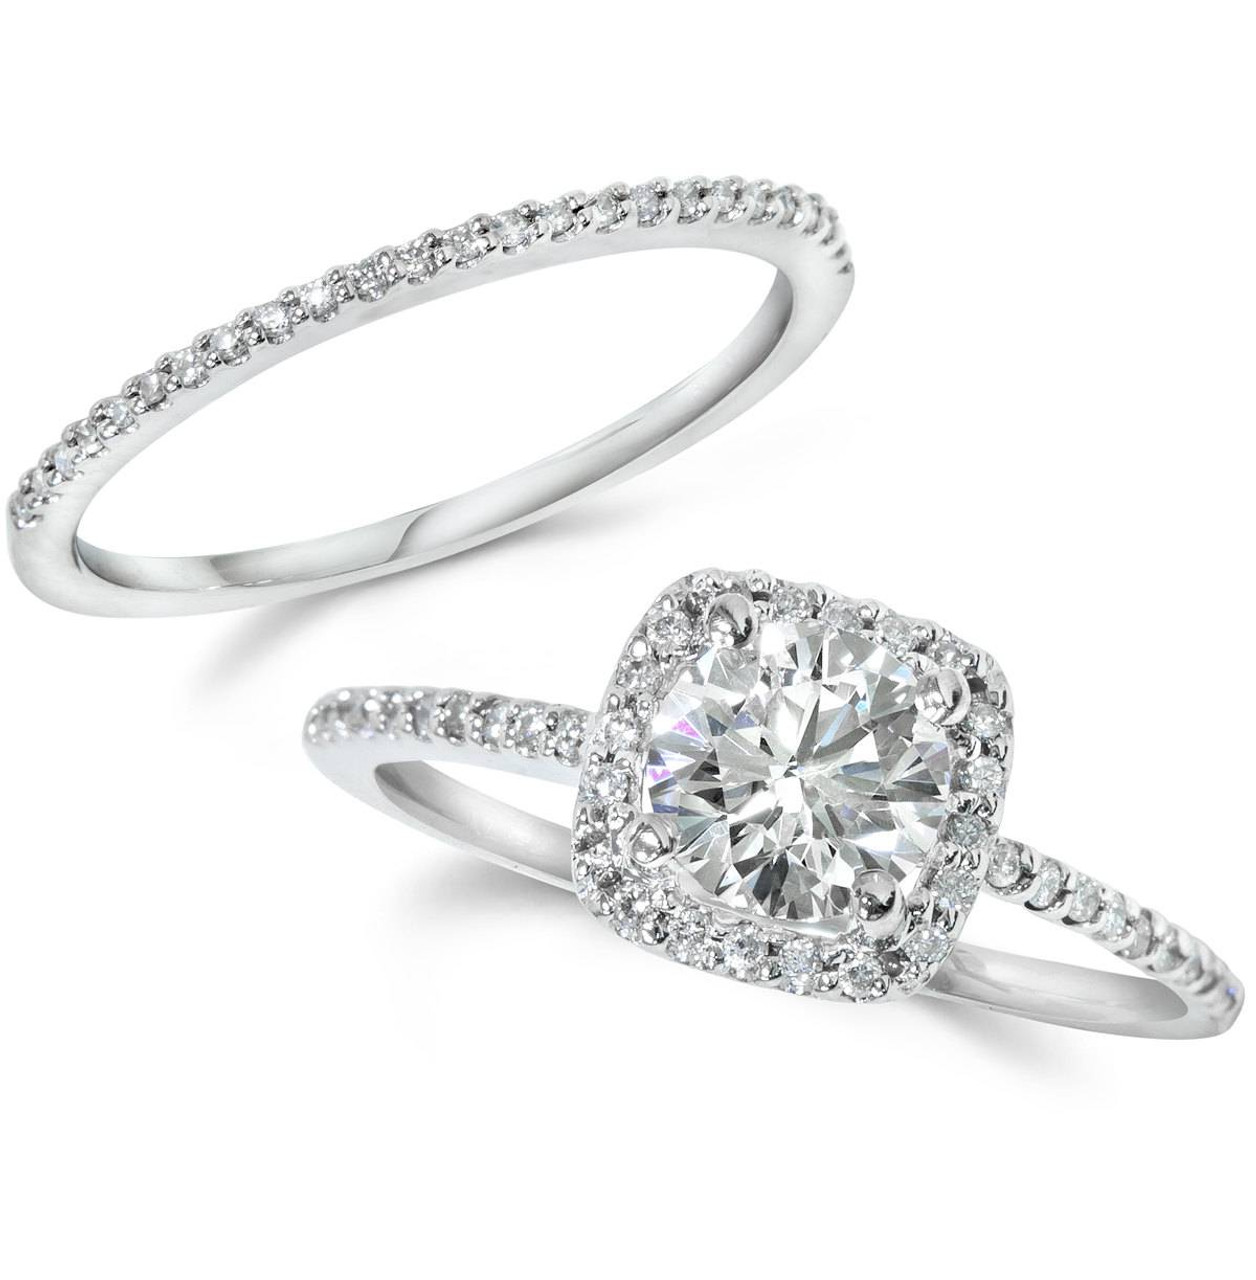 1CT Diamond Engagement Ring Cushion Halo Wedding Ring Set